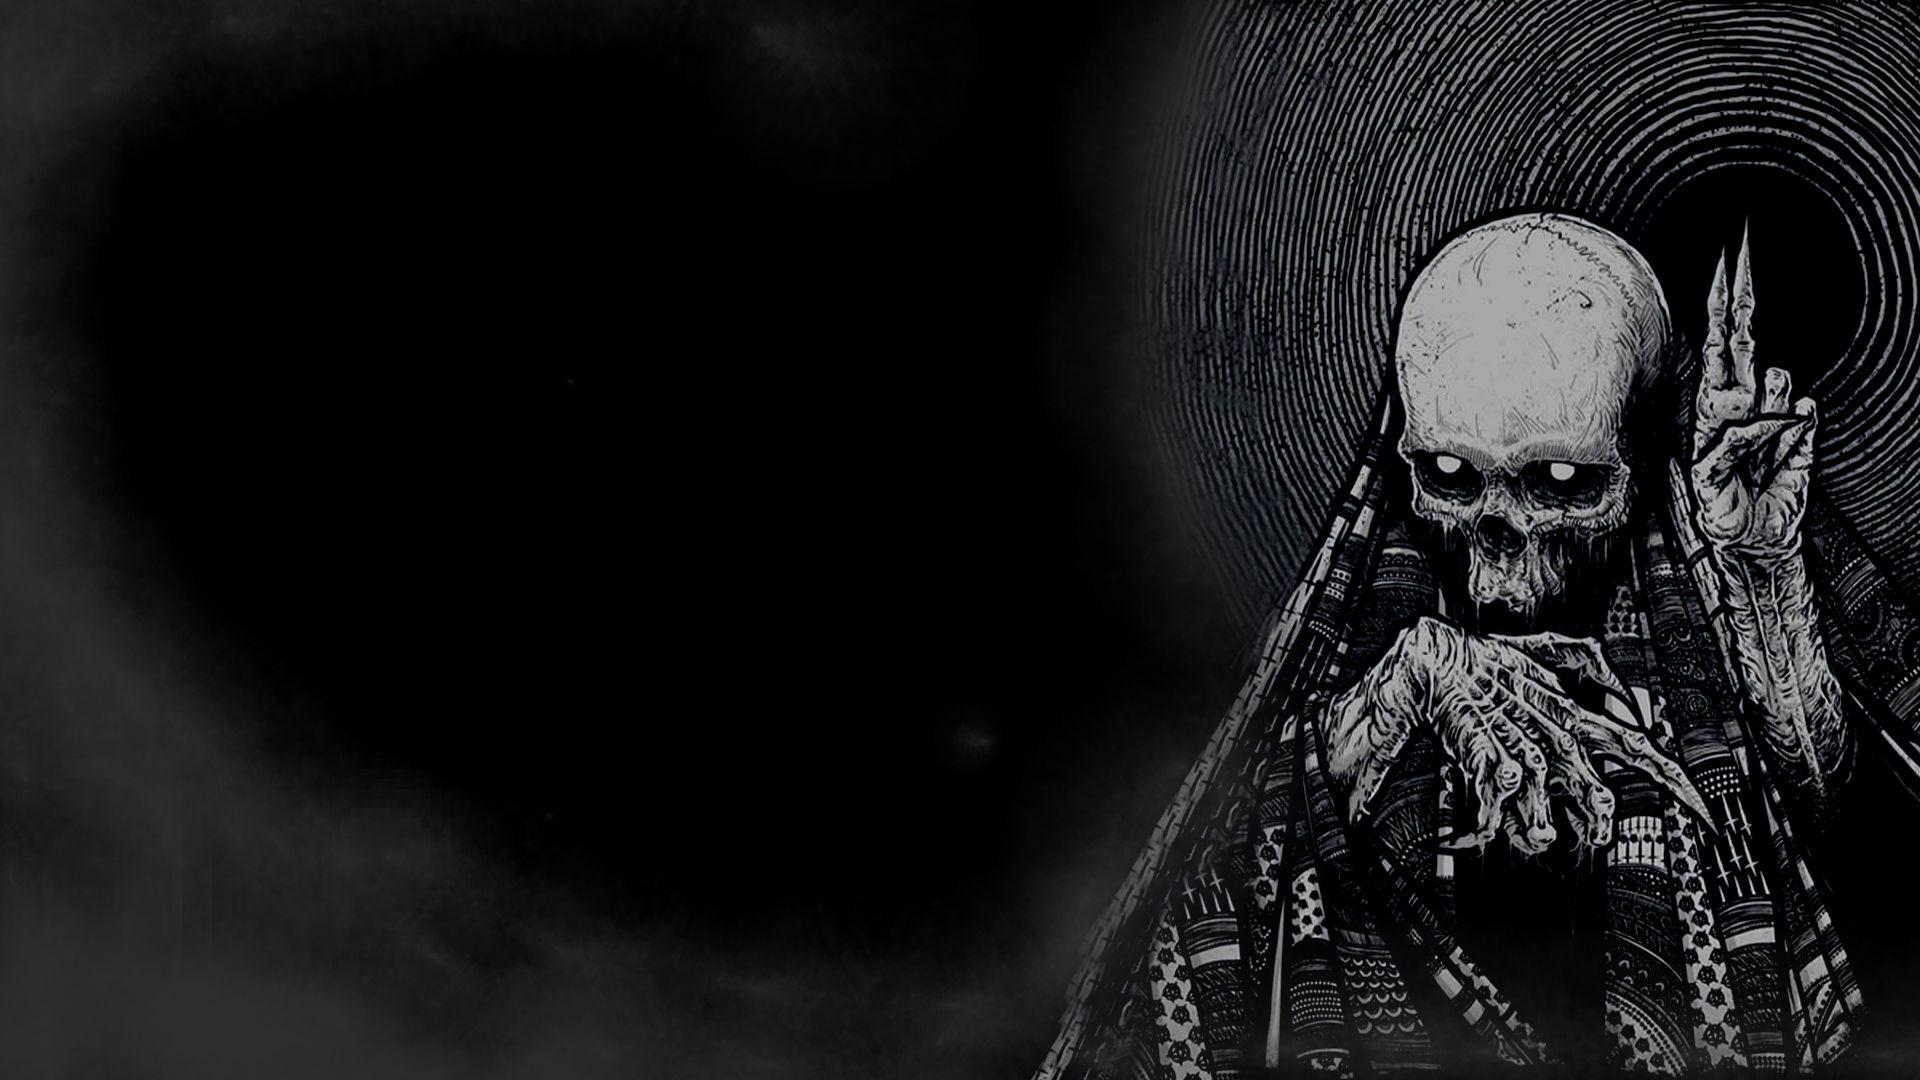 Hd wallpaper evil - Dark Horror Skeleton Skull Occult Evil Wallpaper 1920x1080 28014